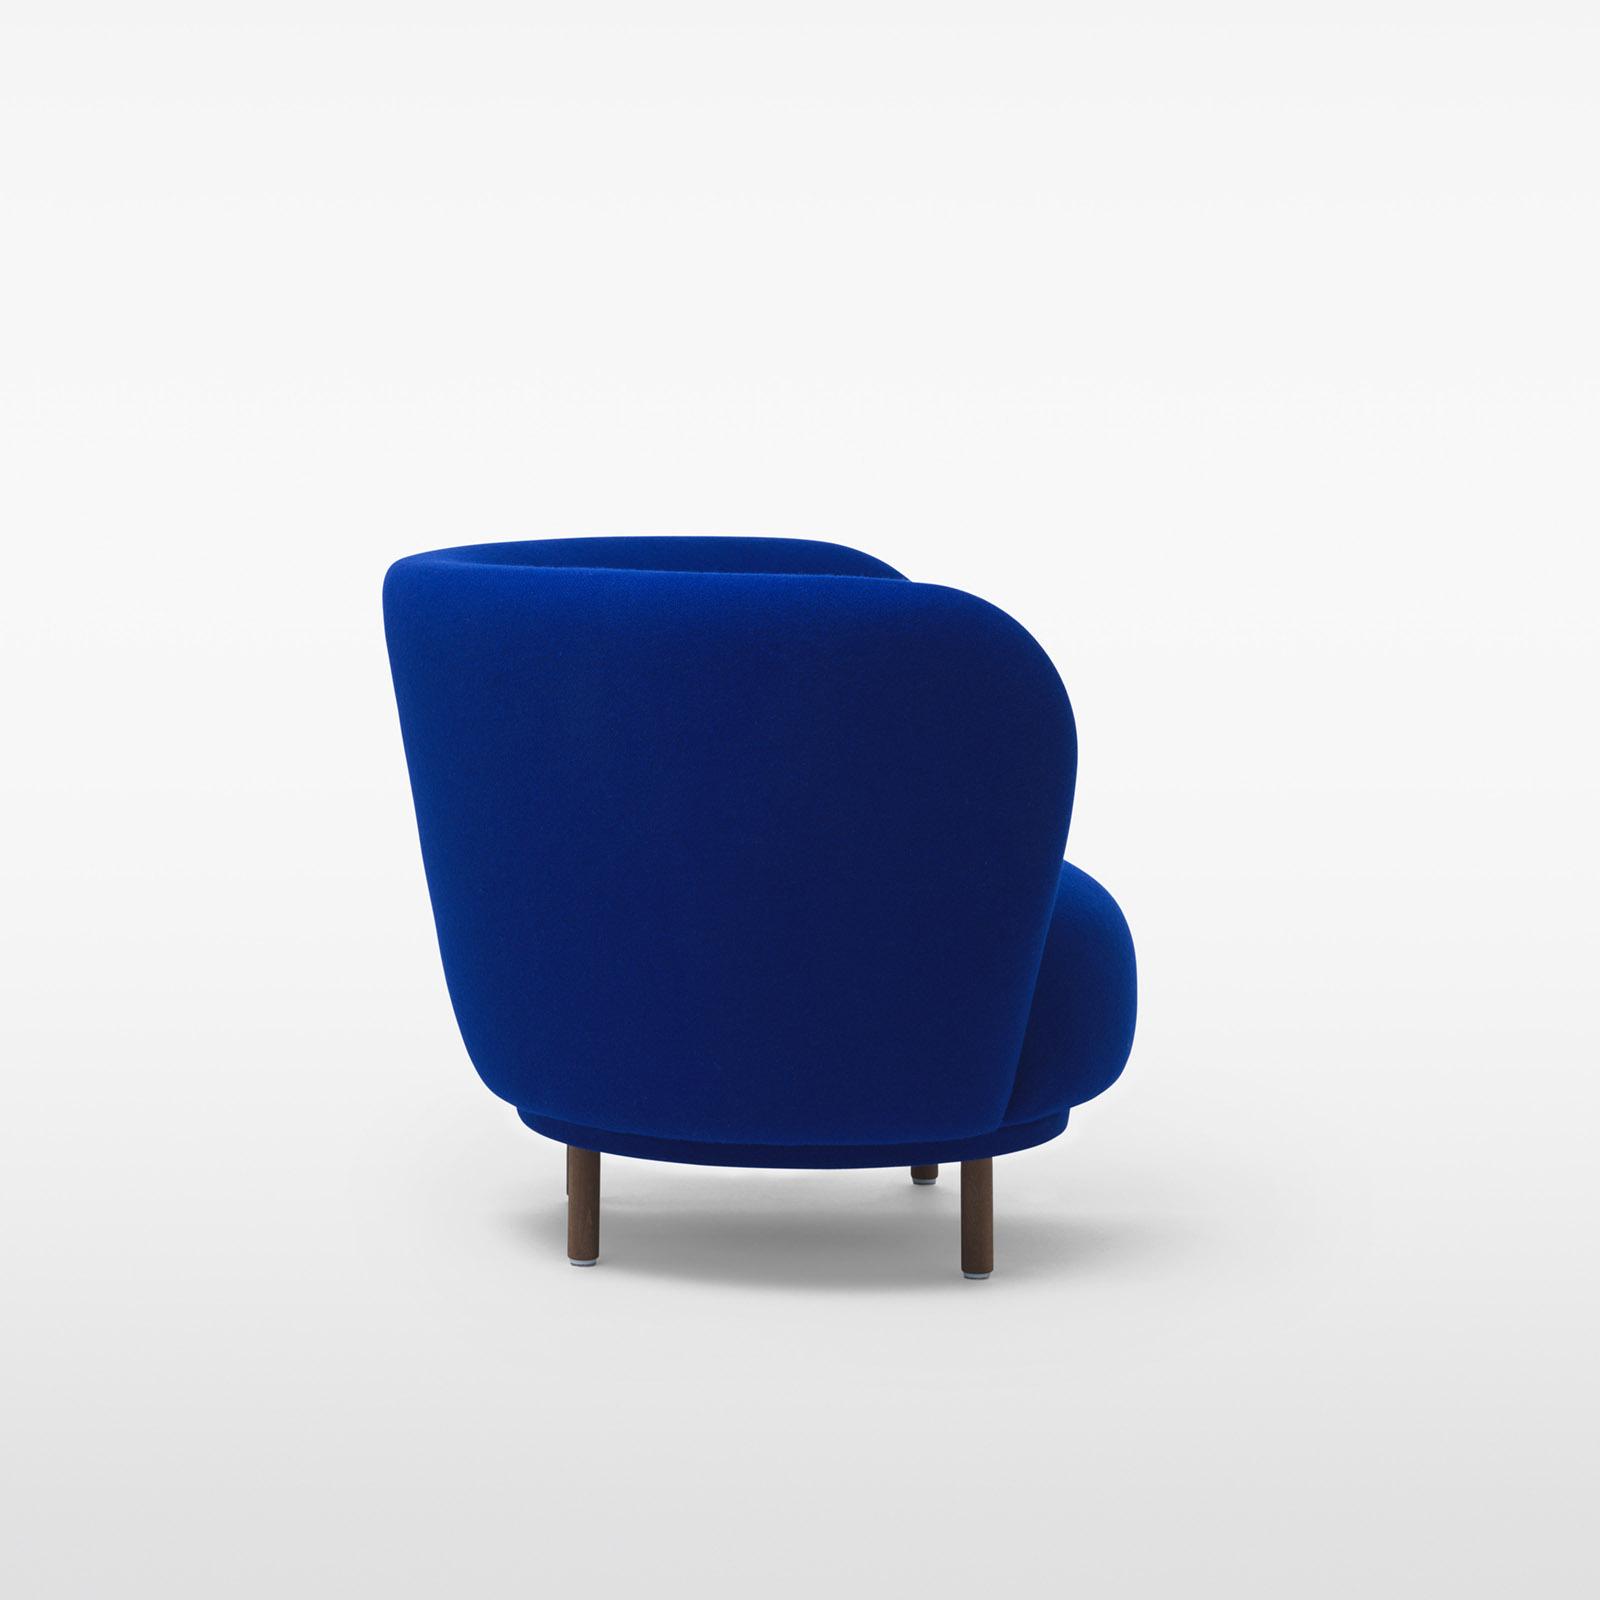 TinnappleMetz-massproductions-dandy-armchair-05